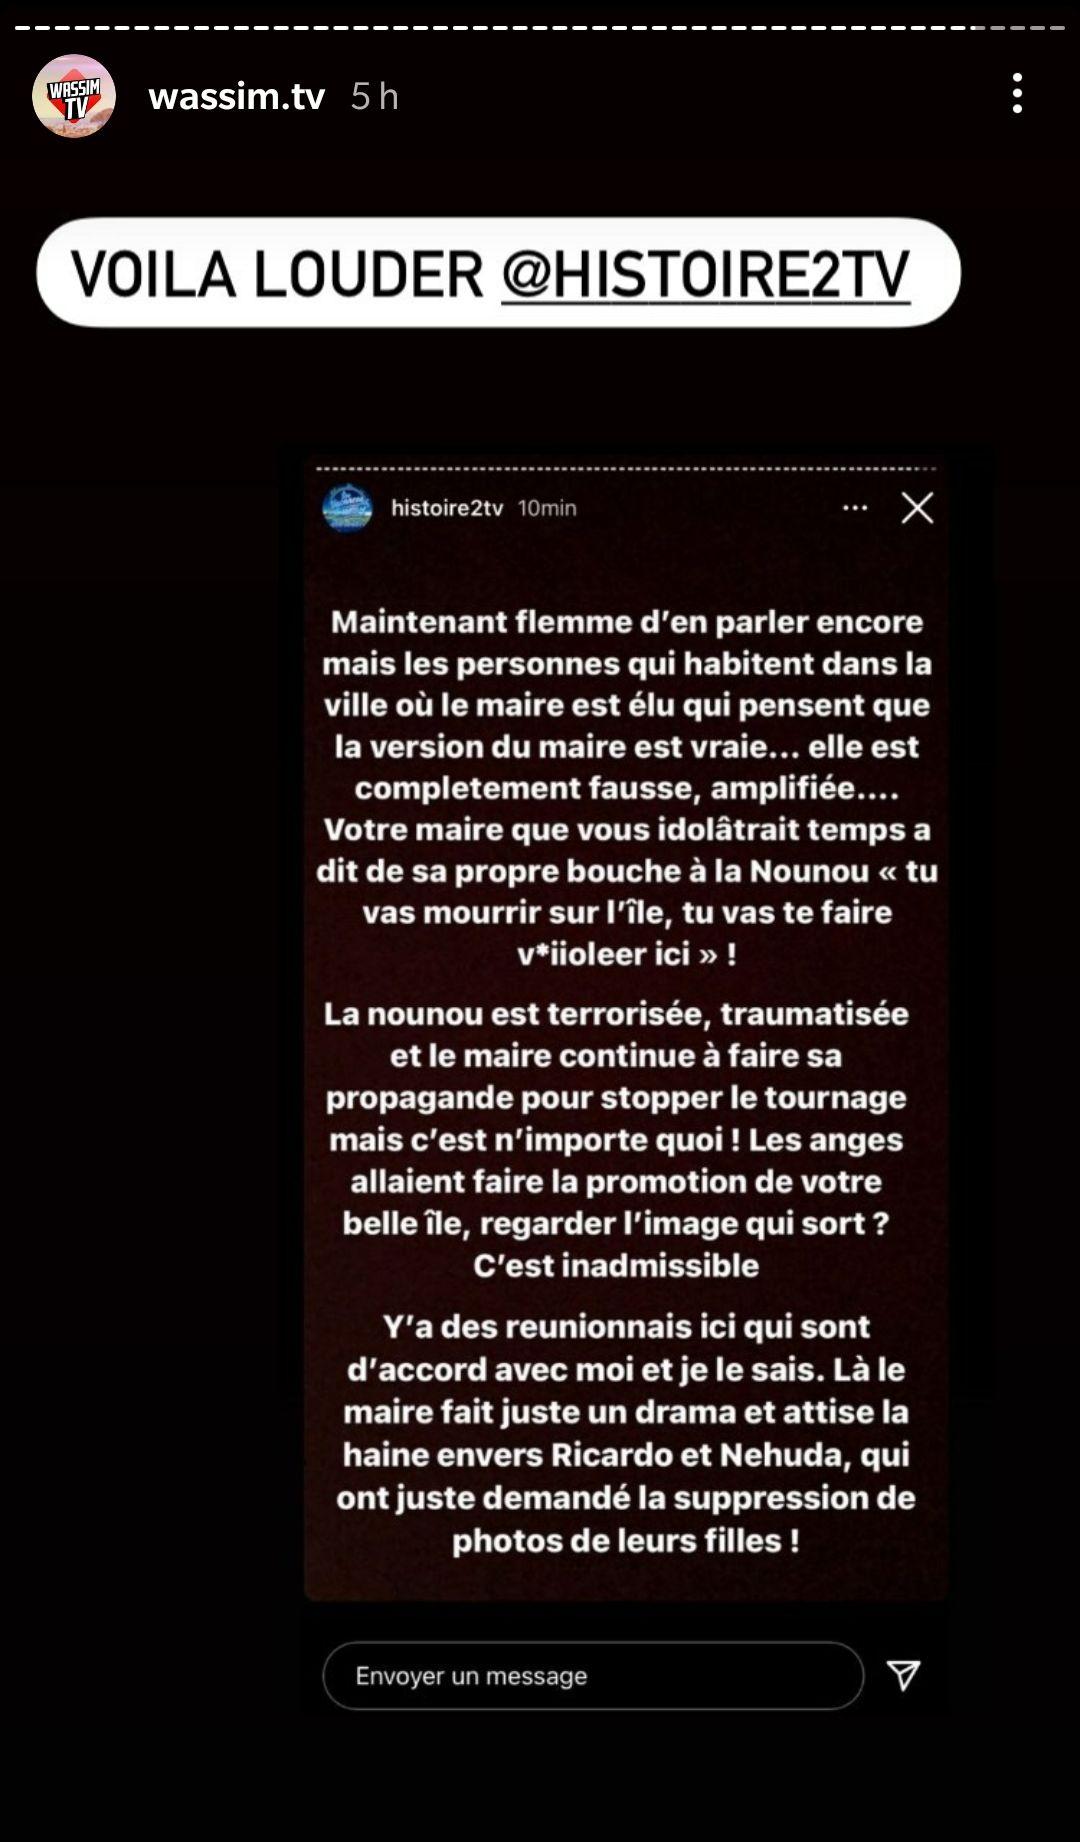 LVDA4 : Ricardo Pinto et Nehuda exclus du tournage suite à une altercation avec le maire de Saint-André ? Découvrez leur avenir dans l'émission